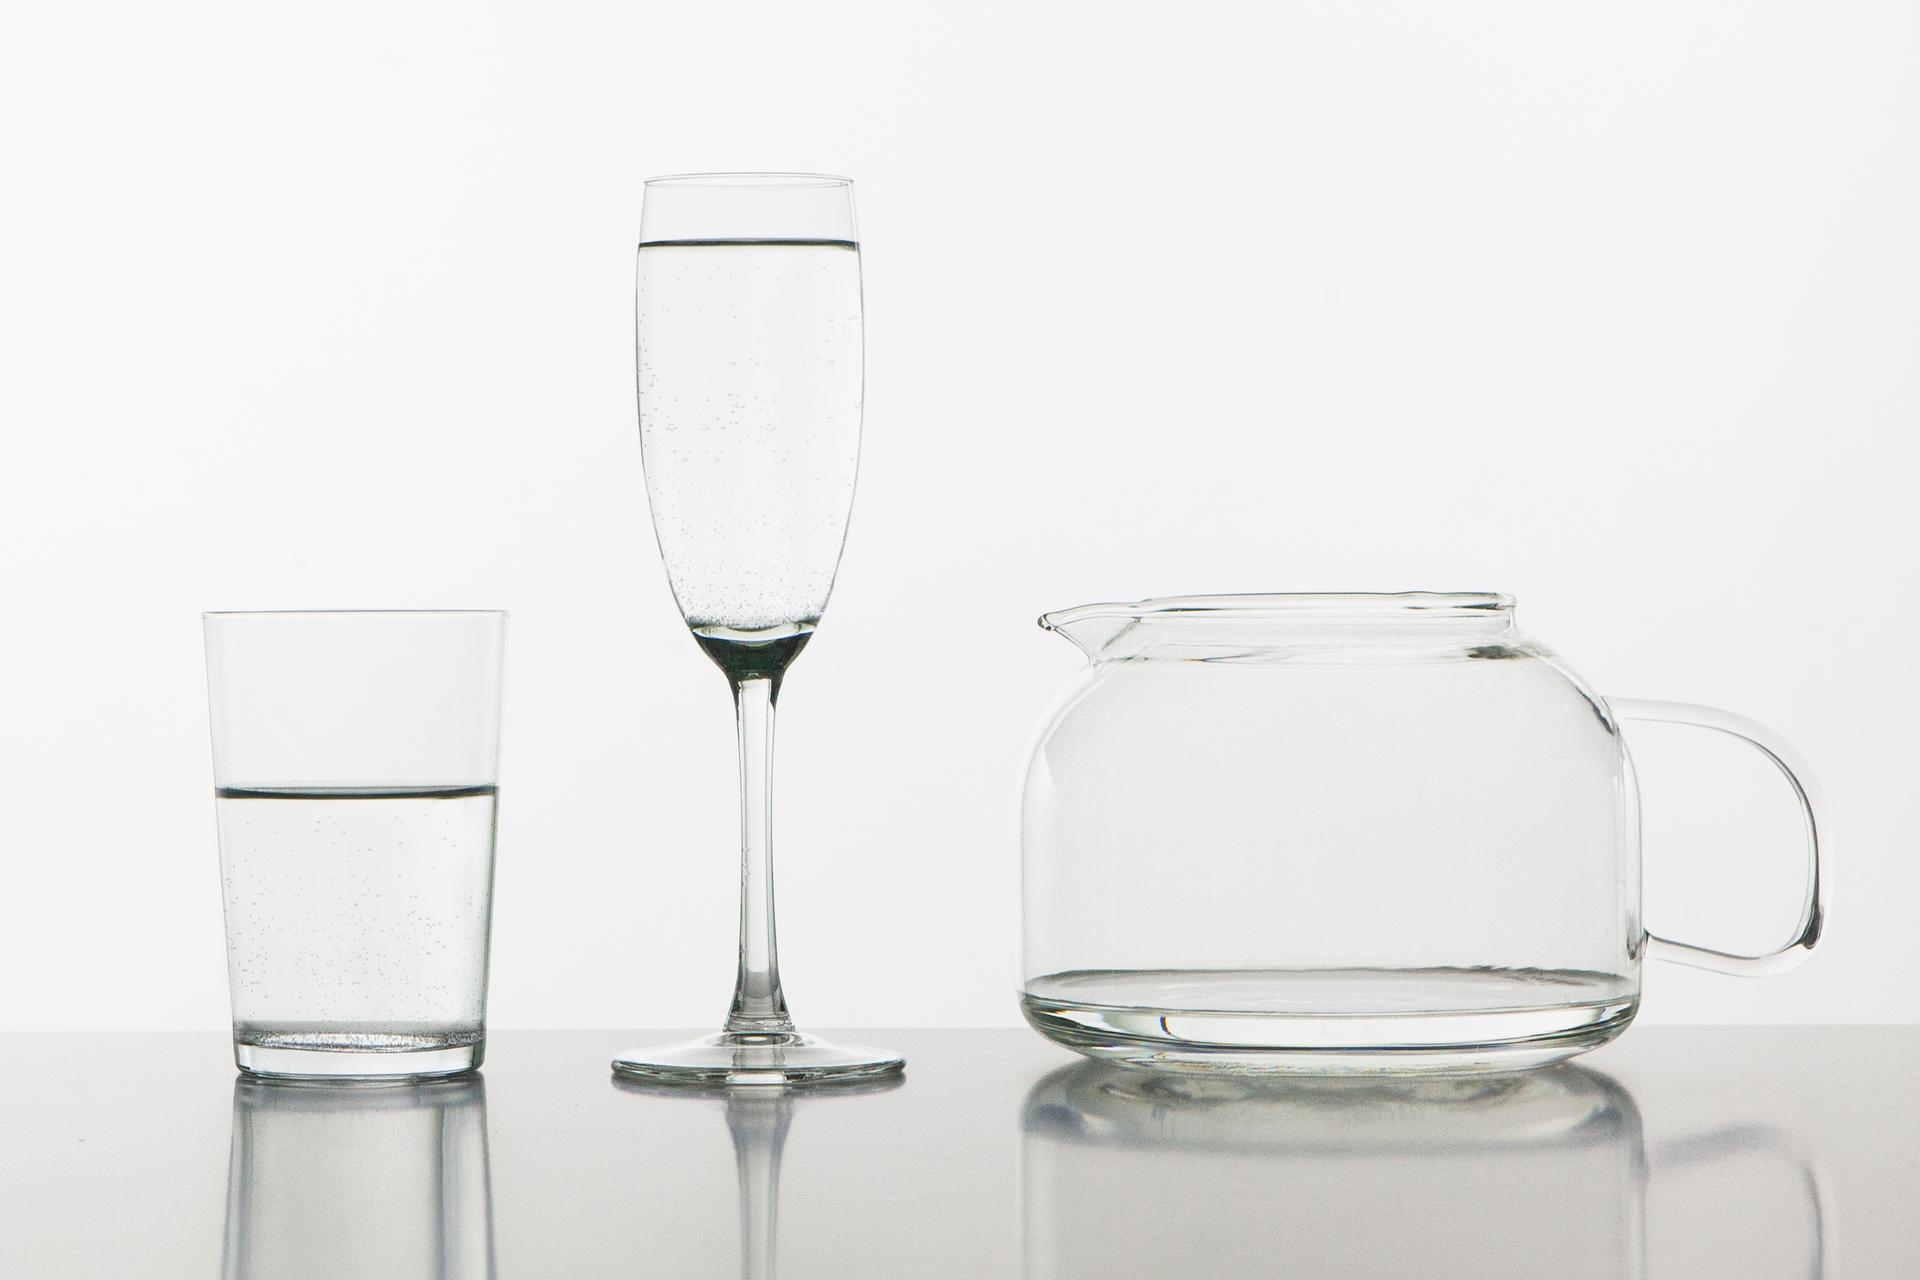 Zdjęcie przedstawiające trzy naczynia oróżnych kształtach wypełnione taką samą objętością wody